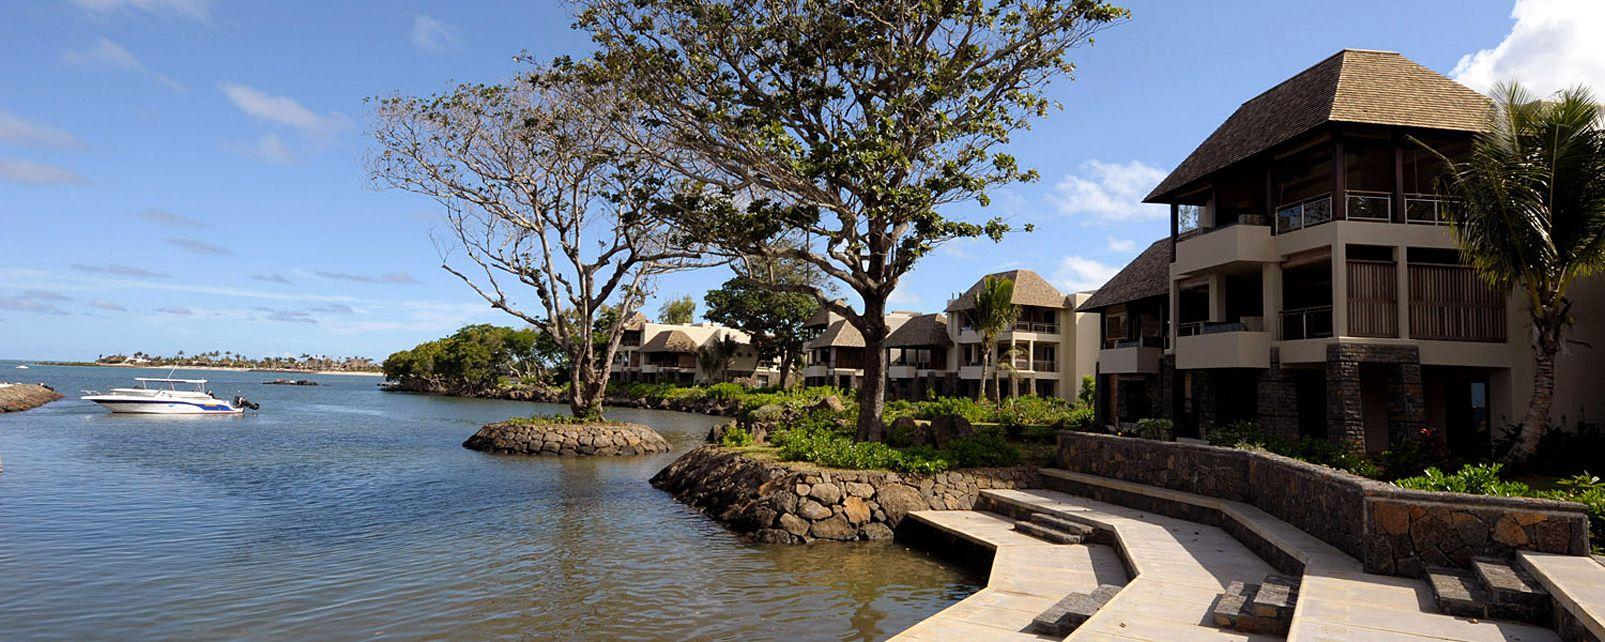 Hôtel Anahita The Resort